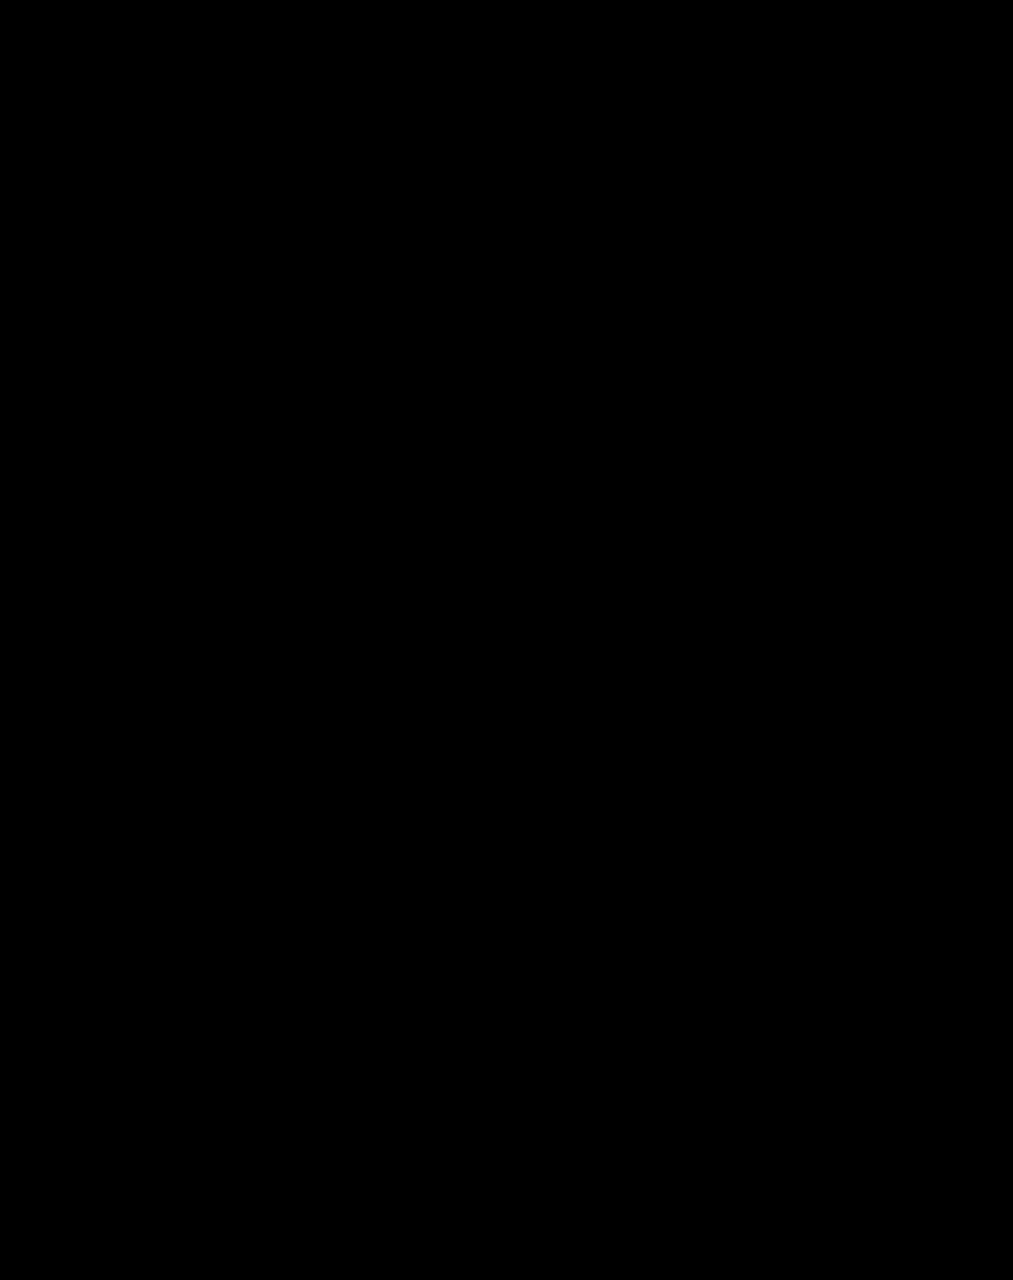 סק כסף שחור